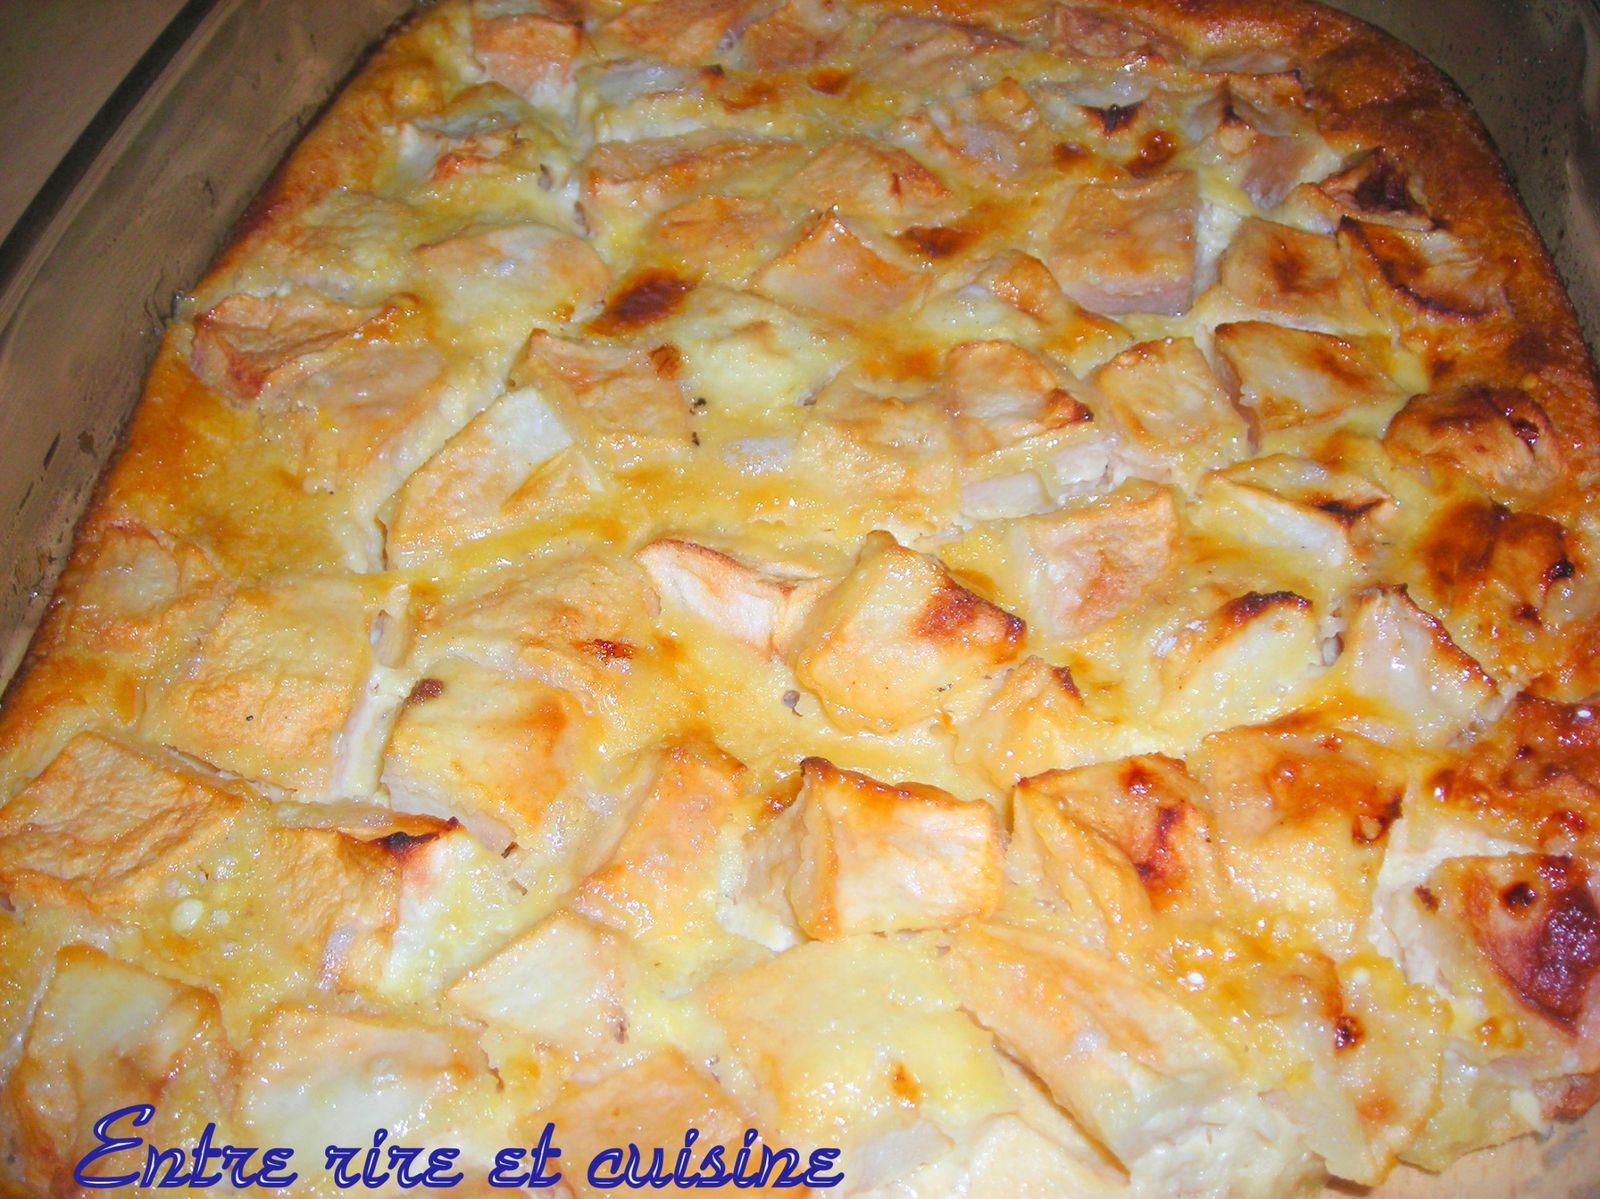 Clafoutis aux pommes et caramel au beurre sal entre - Entre rire et cuisine ...